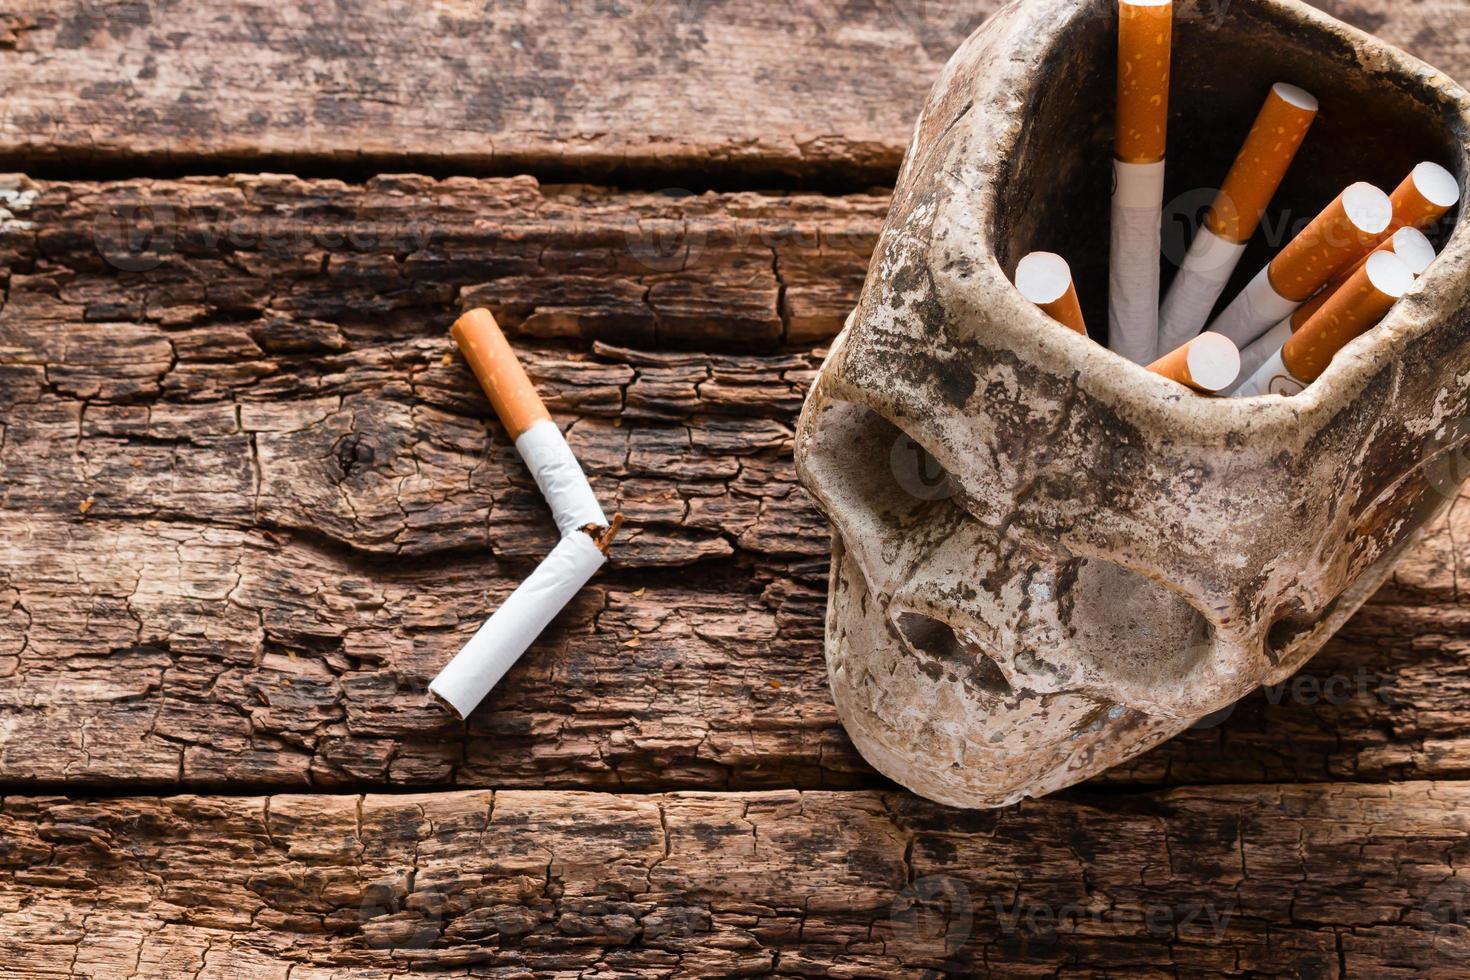 Zigarette im Aschenbecher in Form eines Schädels foto